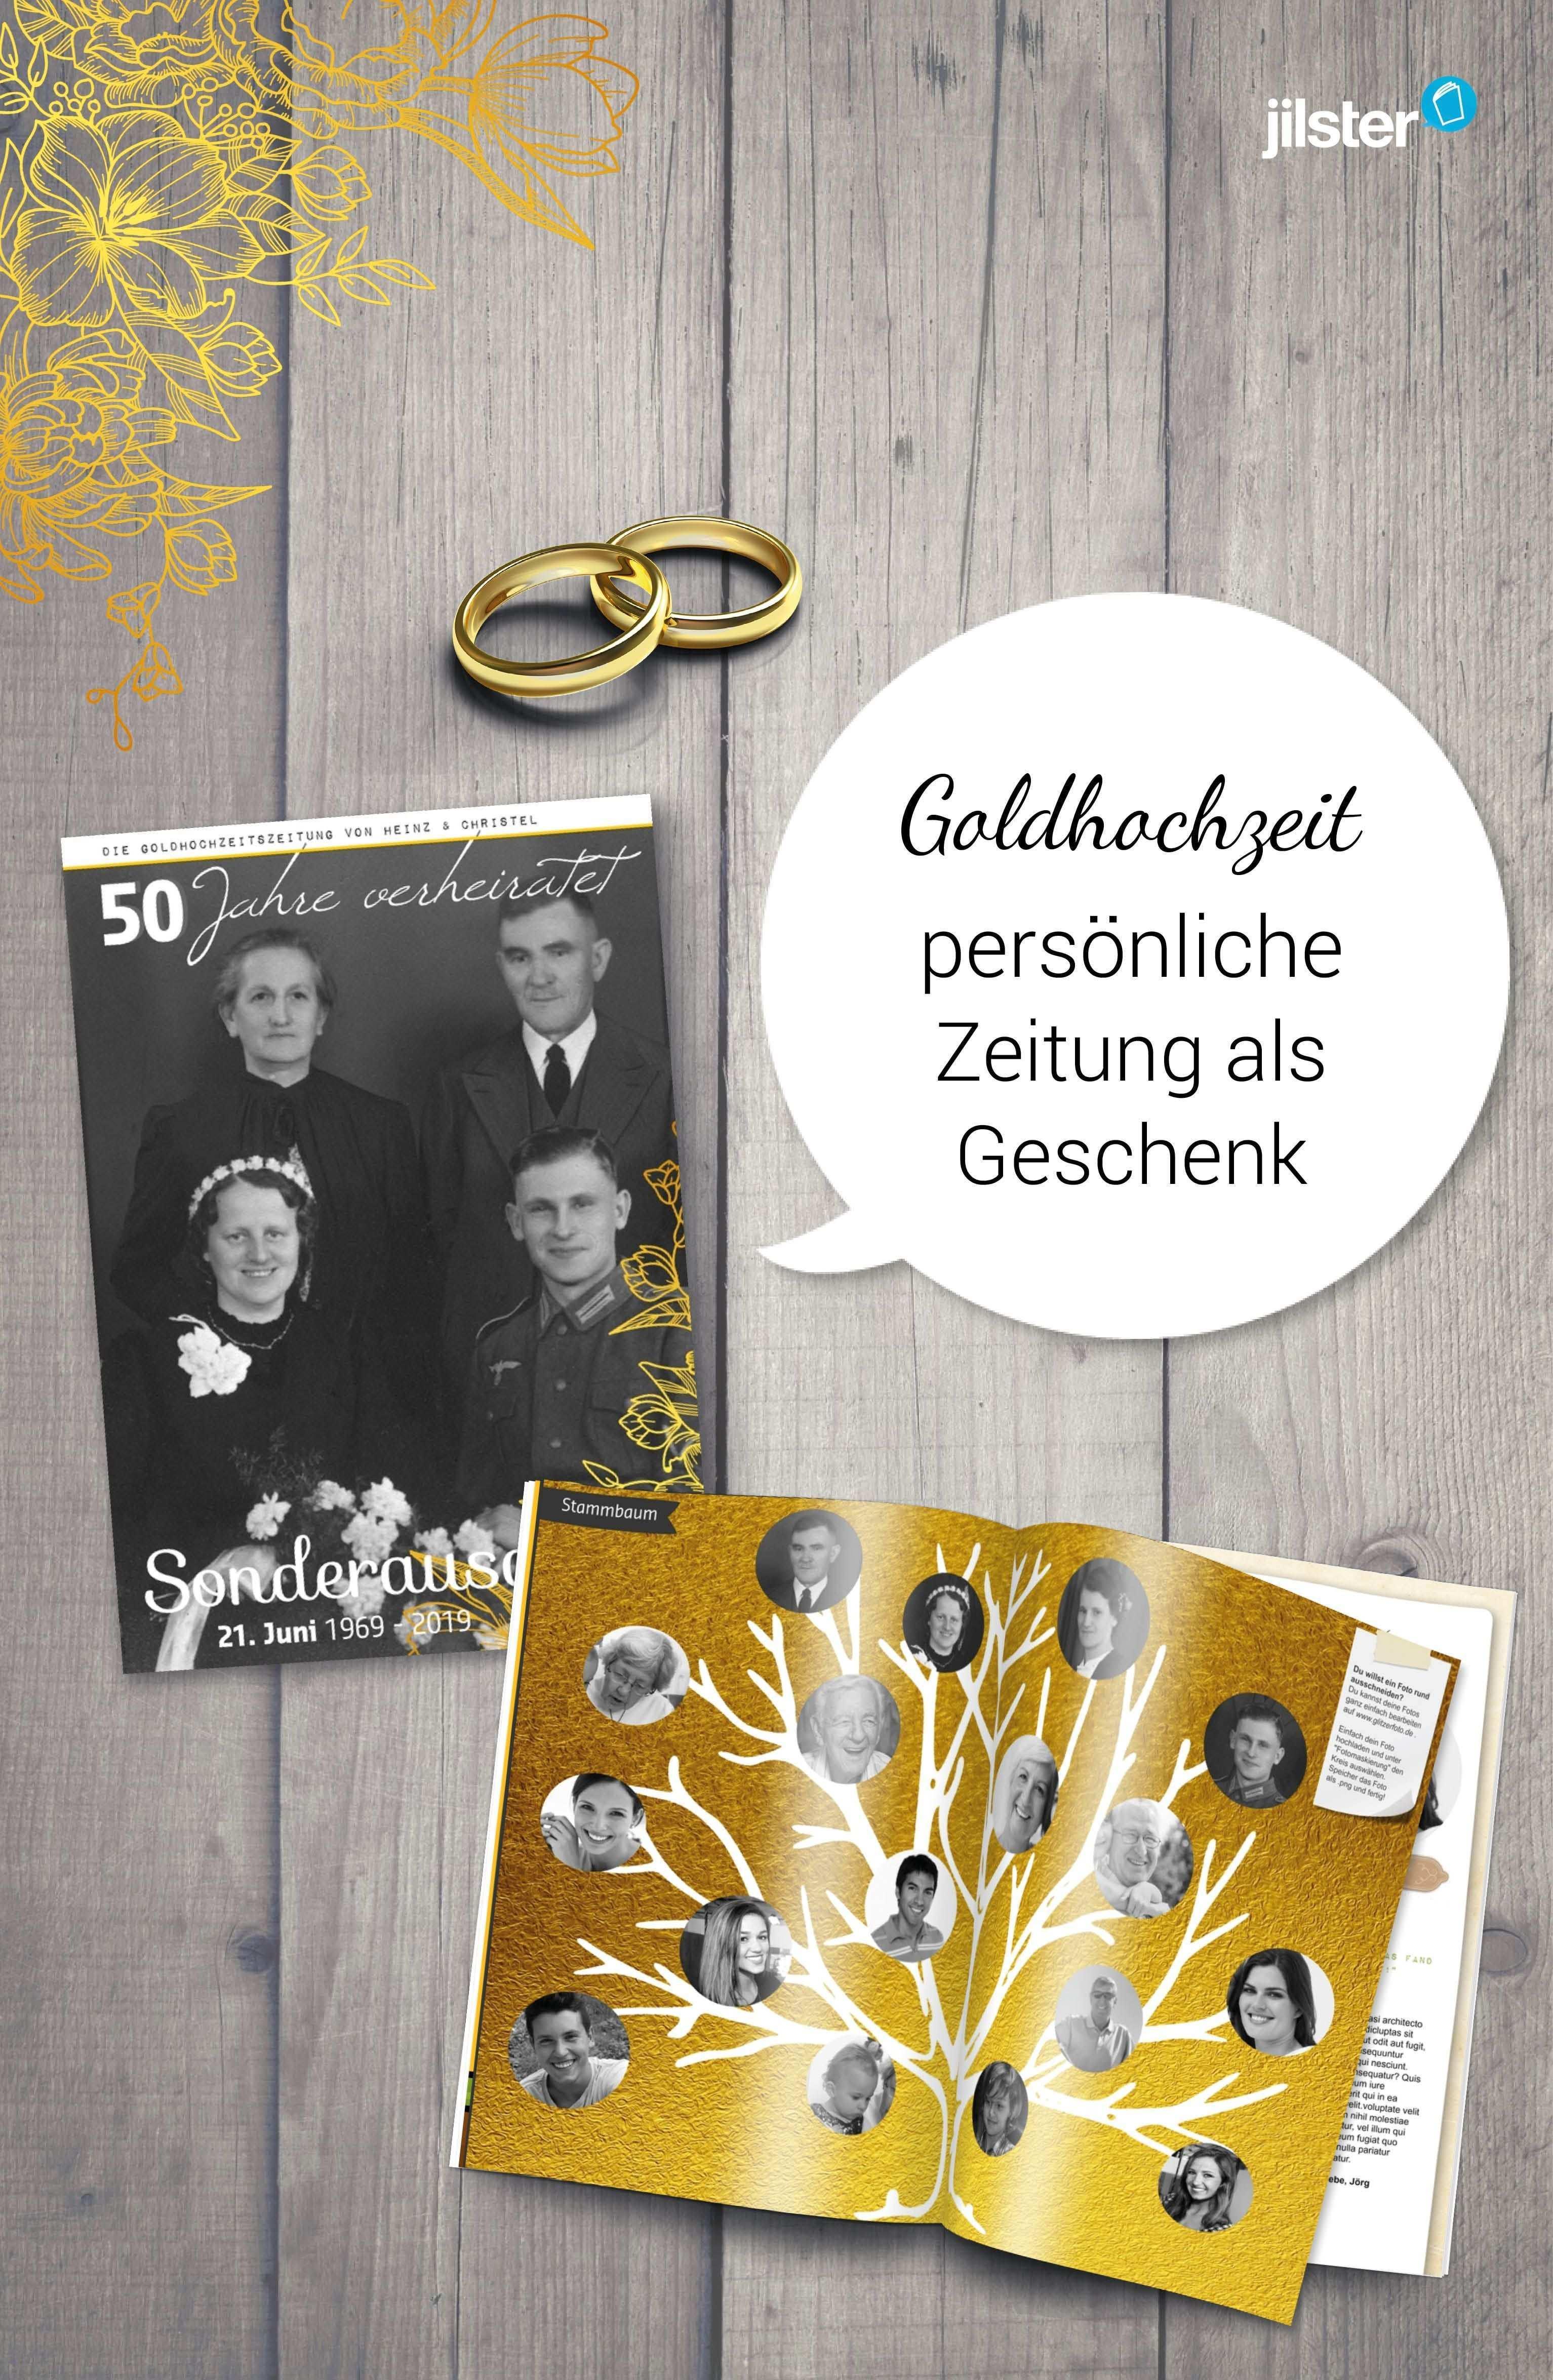 Geschenk Zur Goldenen Hochzeit Zeitschrift Gestalten Geschenke Zur Goldenen Hochzeit Goldene Hochzeit Hochzeitszeitung Gestalten